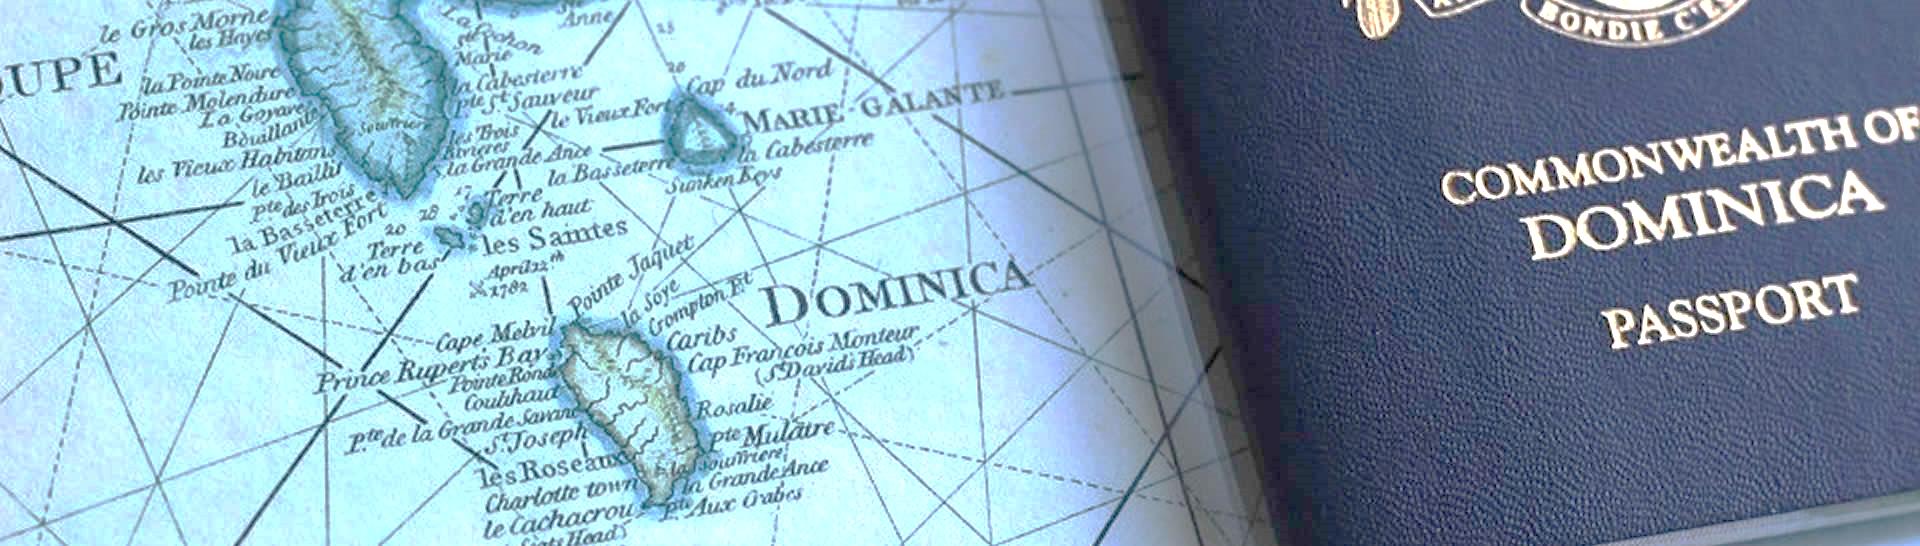 ドミニカ国の市民権プログラム